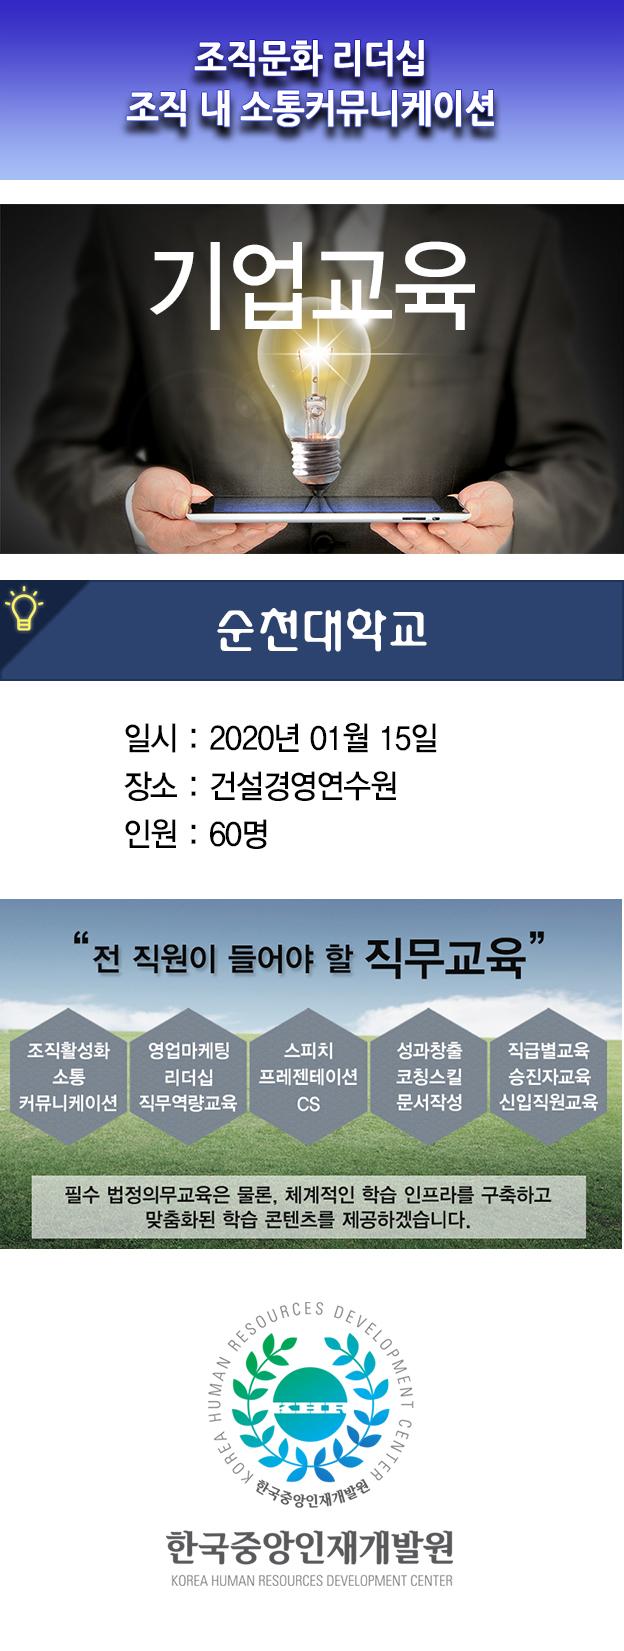 한국중앙인재개발원 공지사항_장차건설.jpg